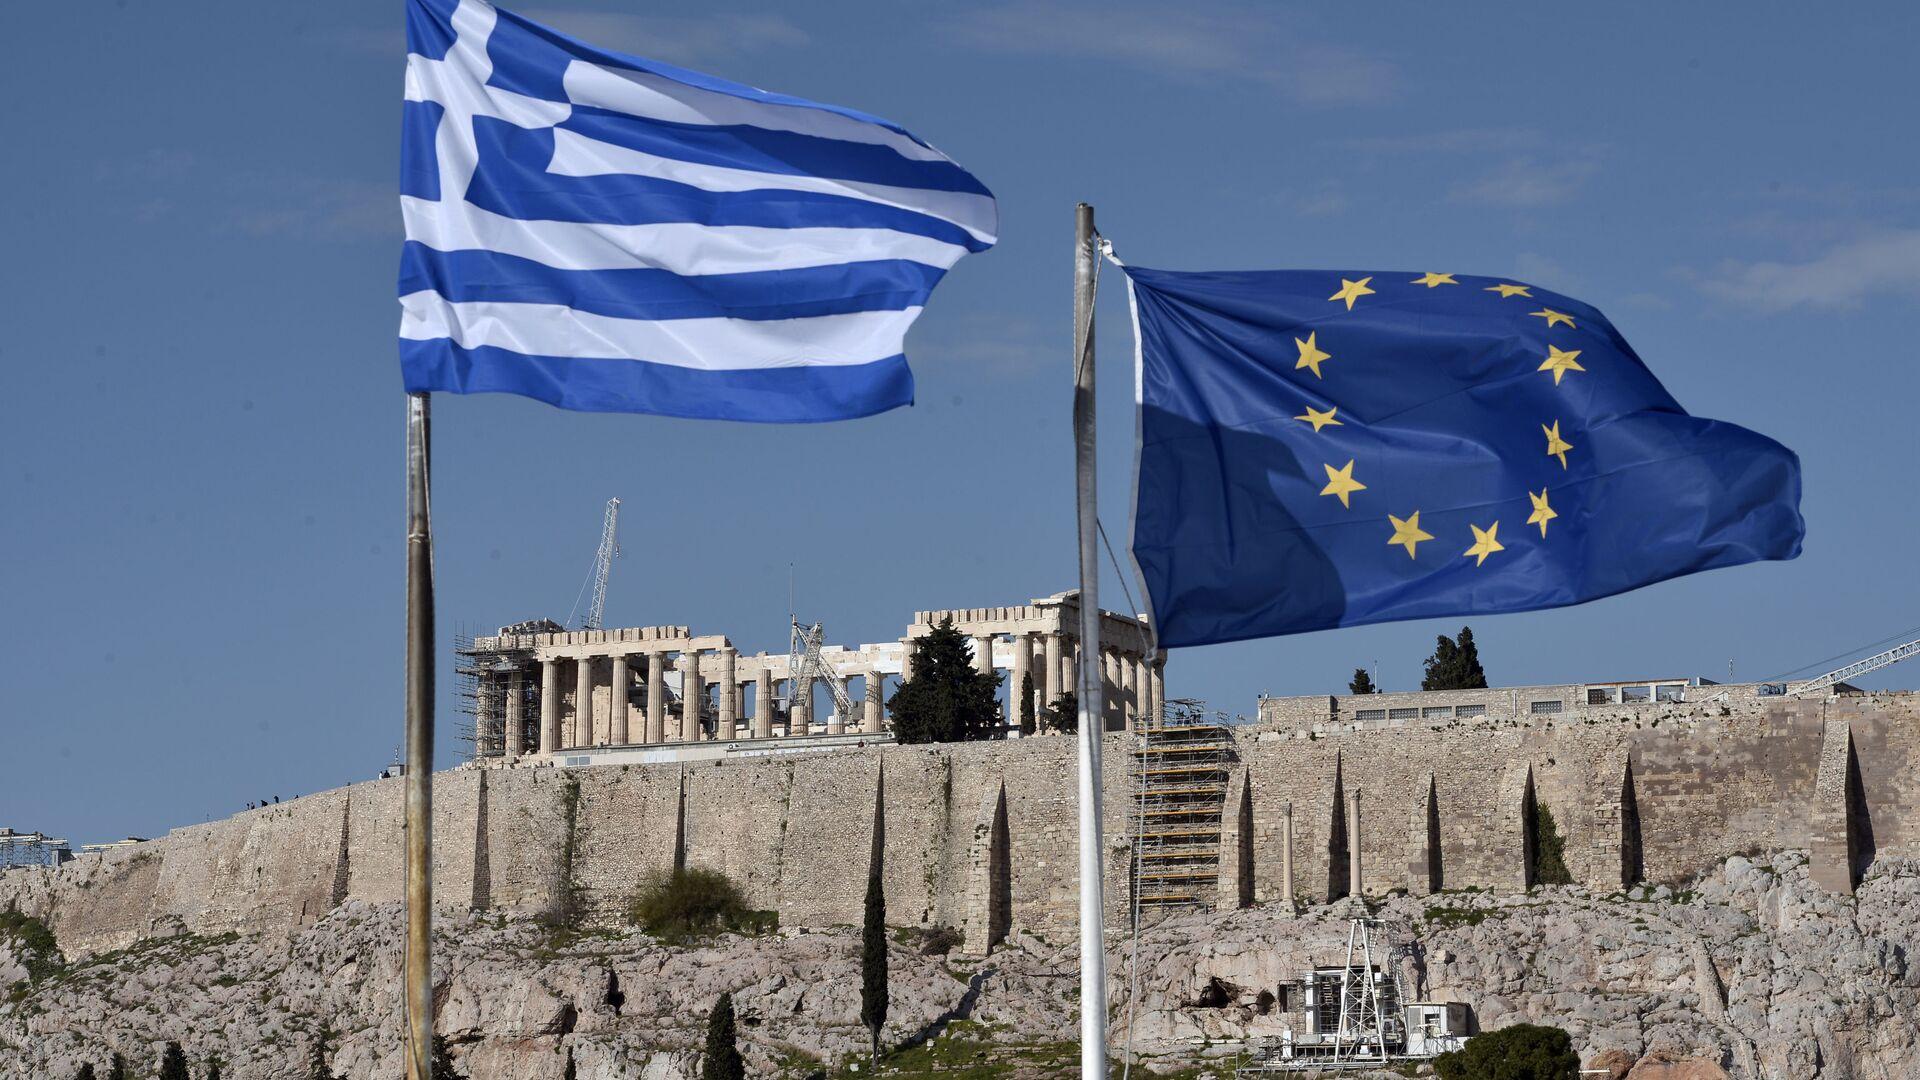 Le bandiere della Grecia e dell'UE ad Atene - Sputnik Italia, 1920, 18.05.2021